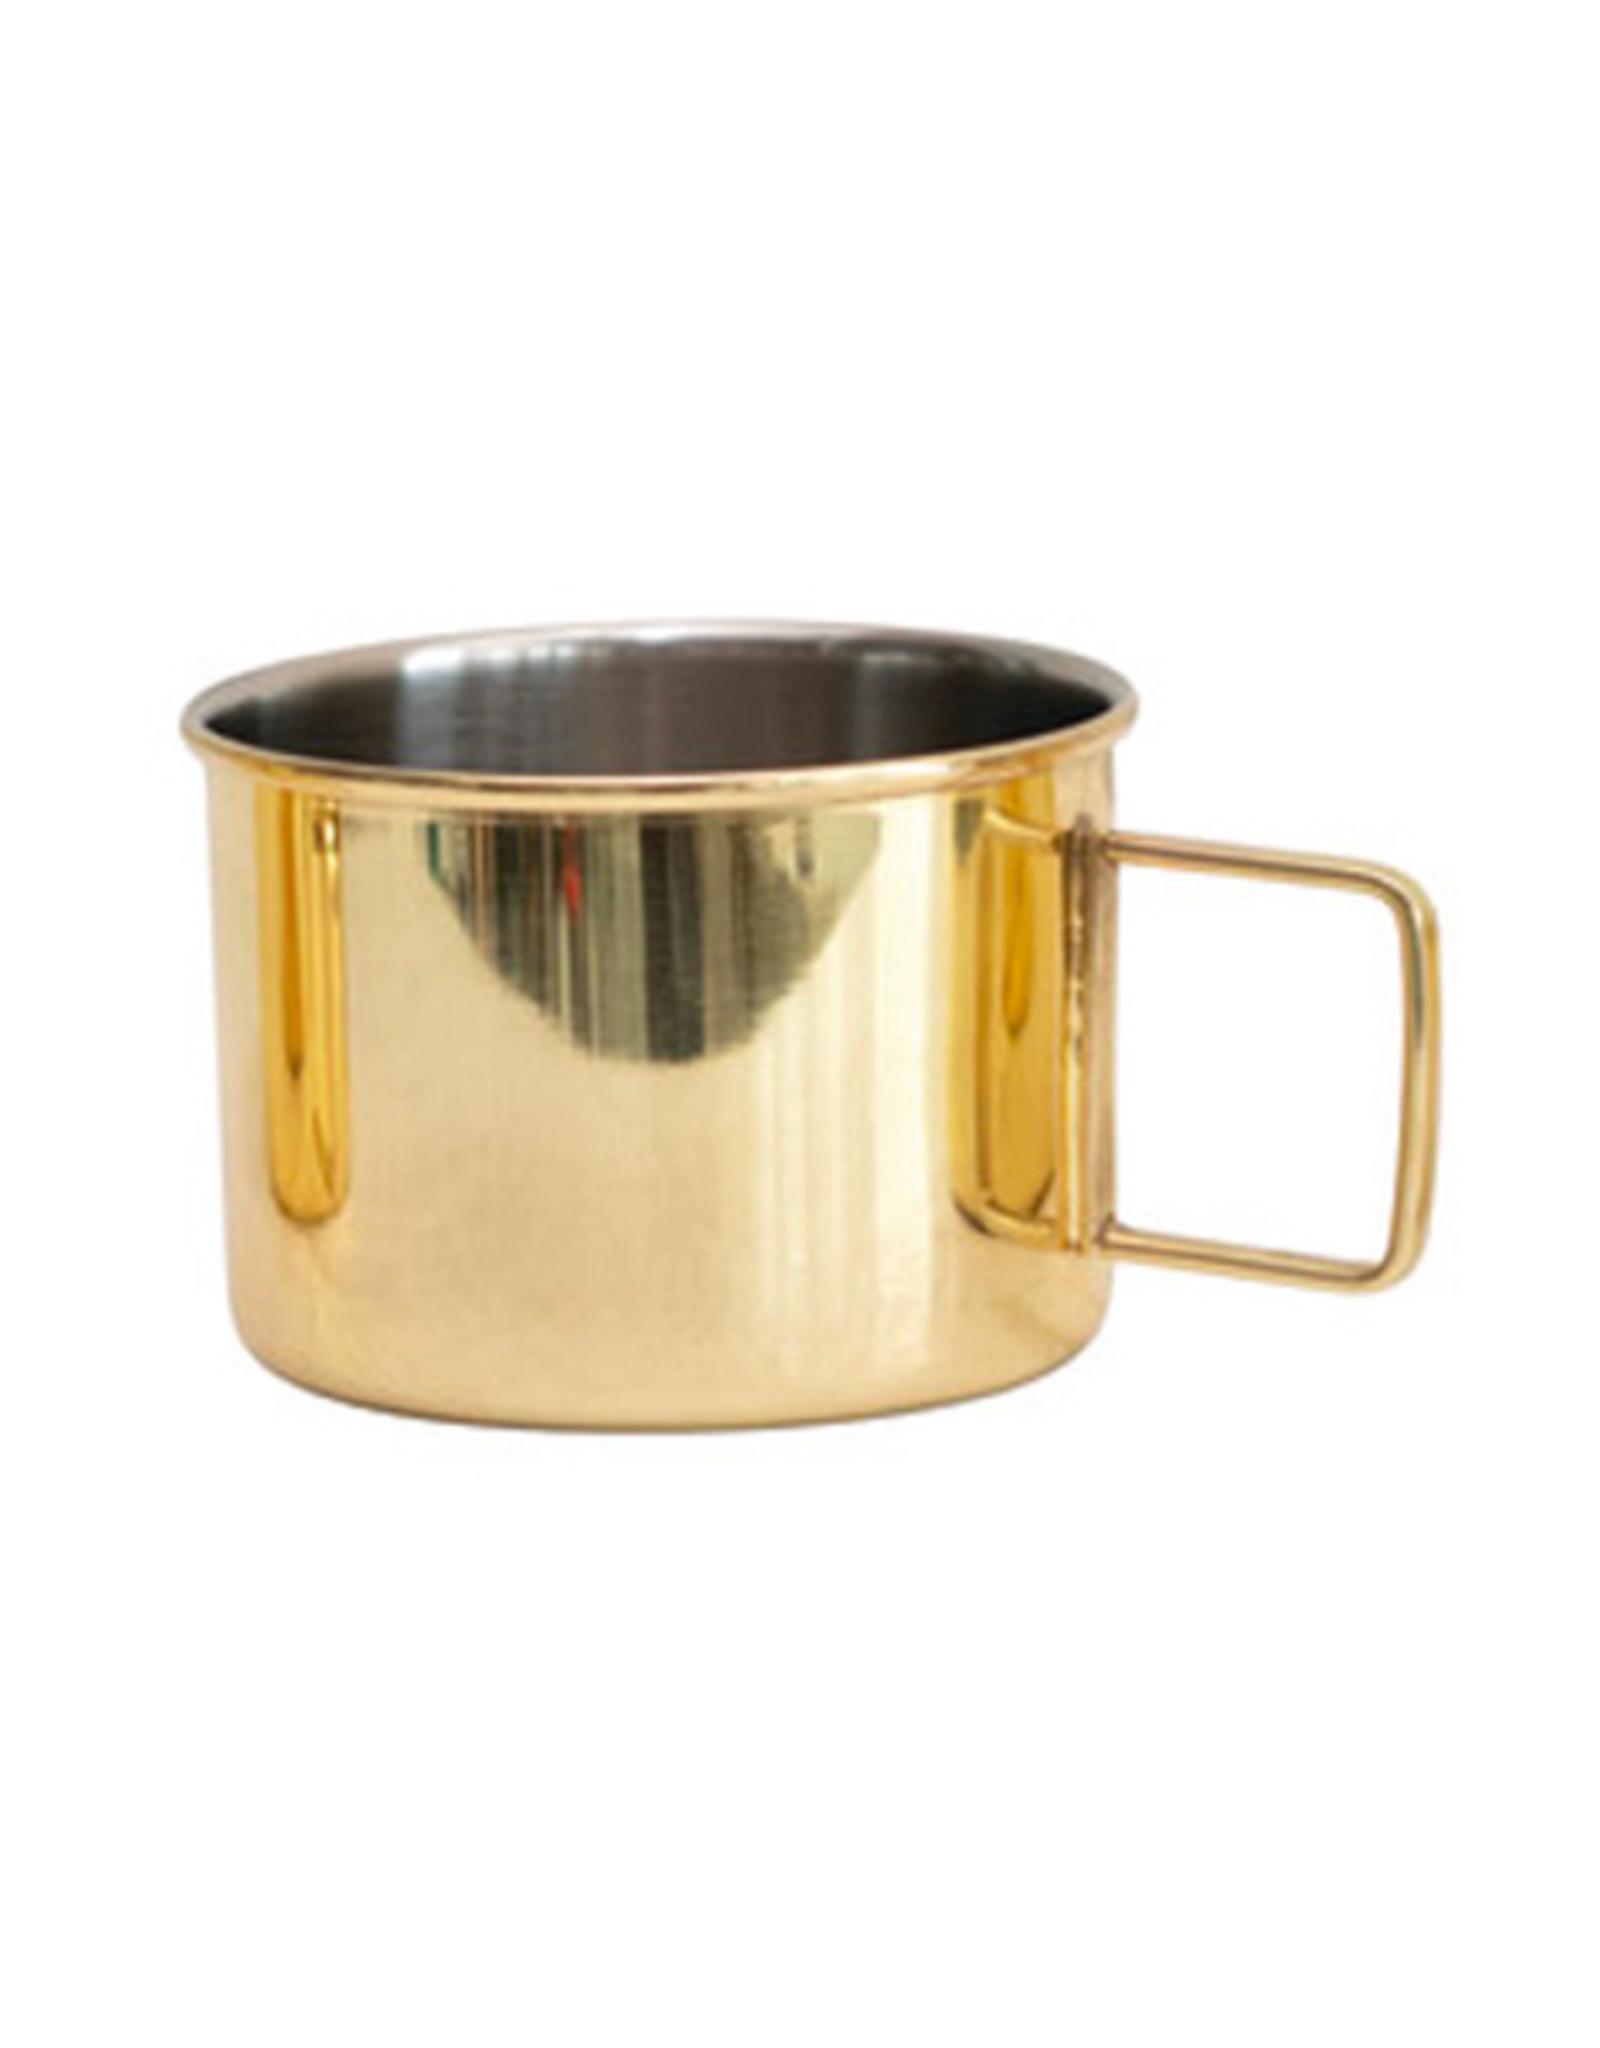 COP - Moscow Mule Mug / Gold Finish